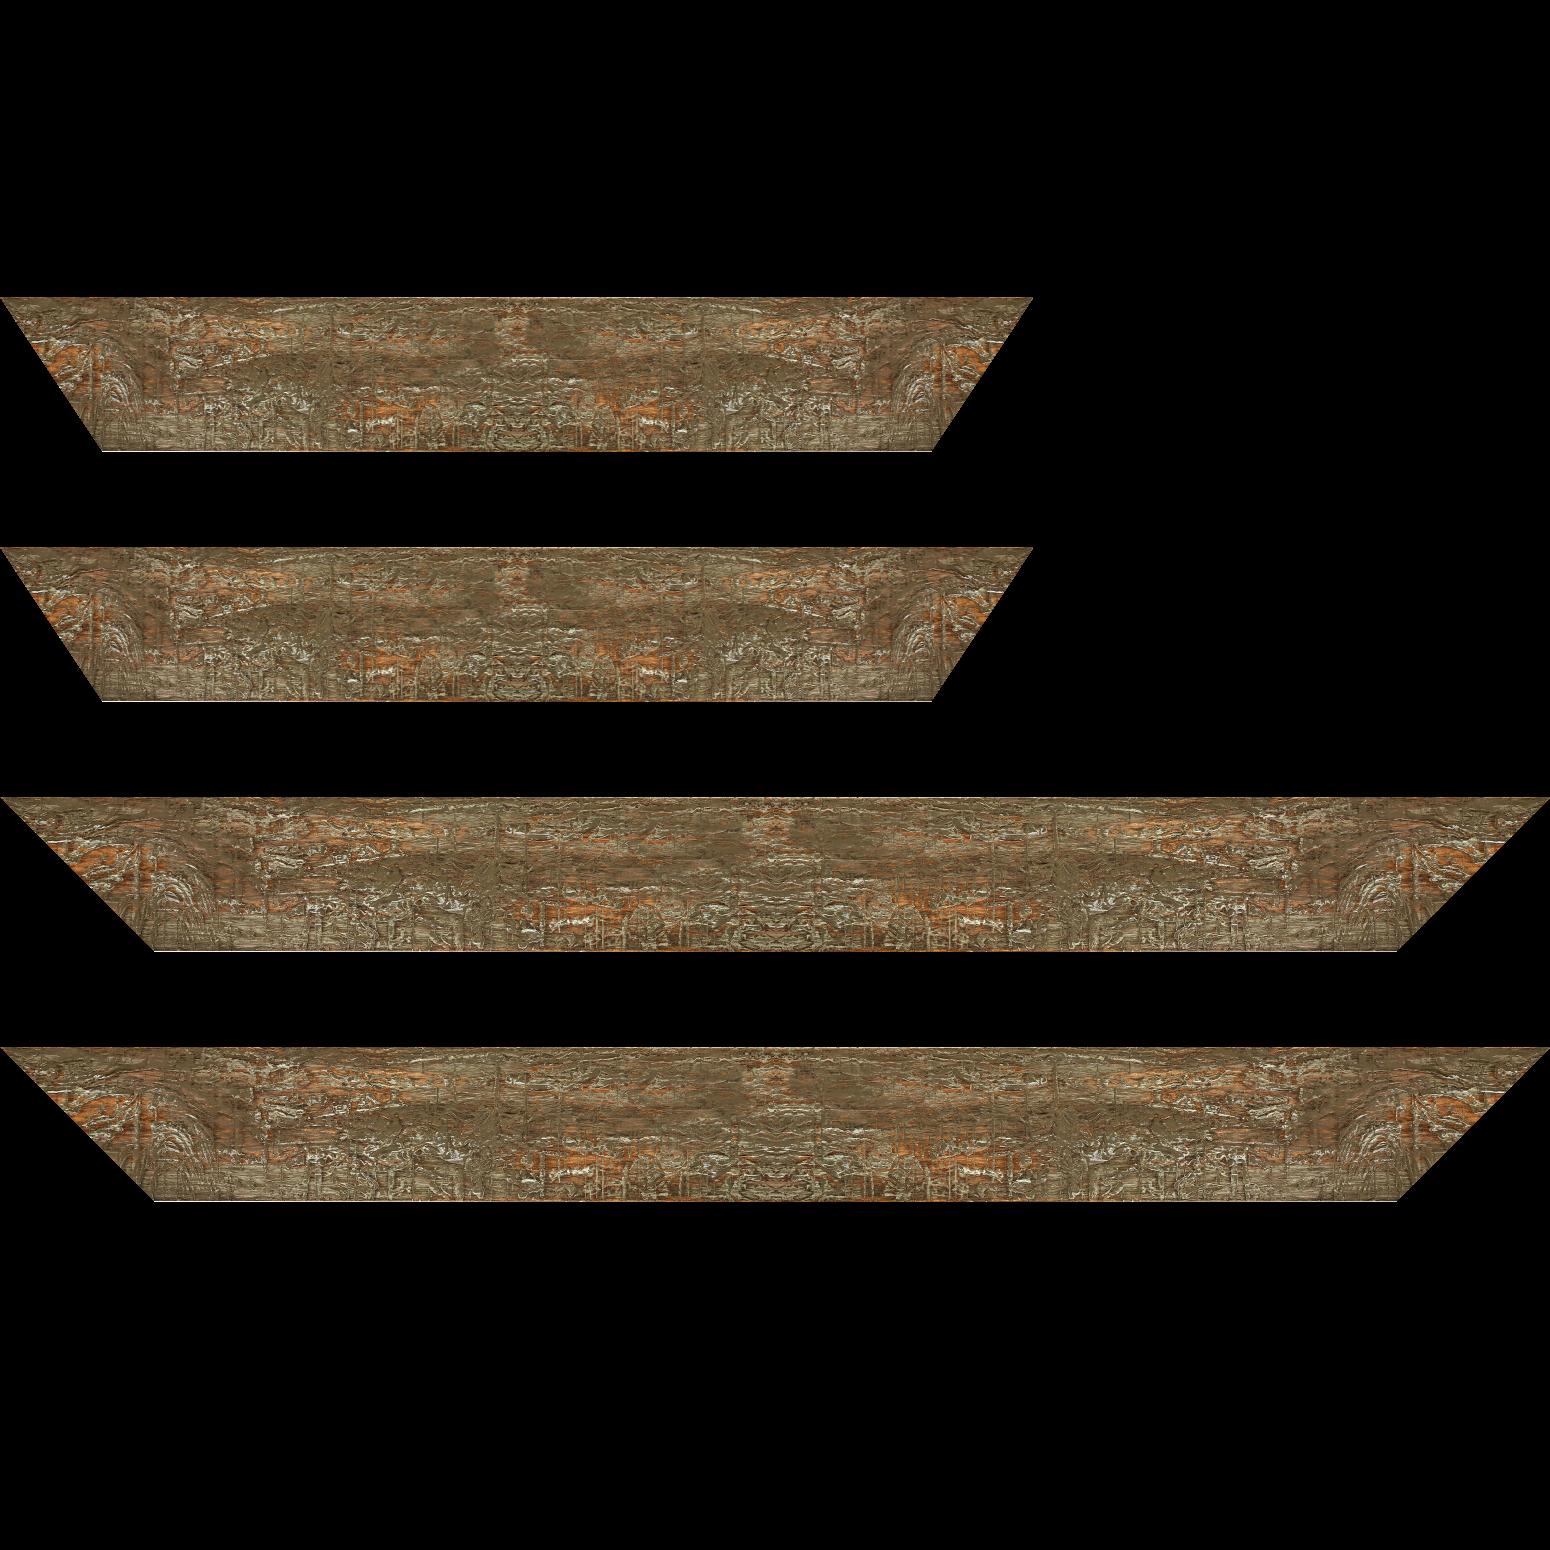 Baguette service précoupé Bois profil plat largeur 5cm couleur marron vieilli finition bois brut aspect palette